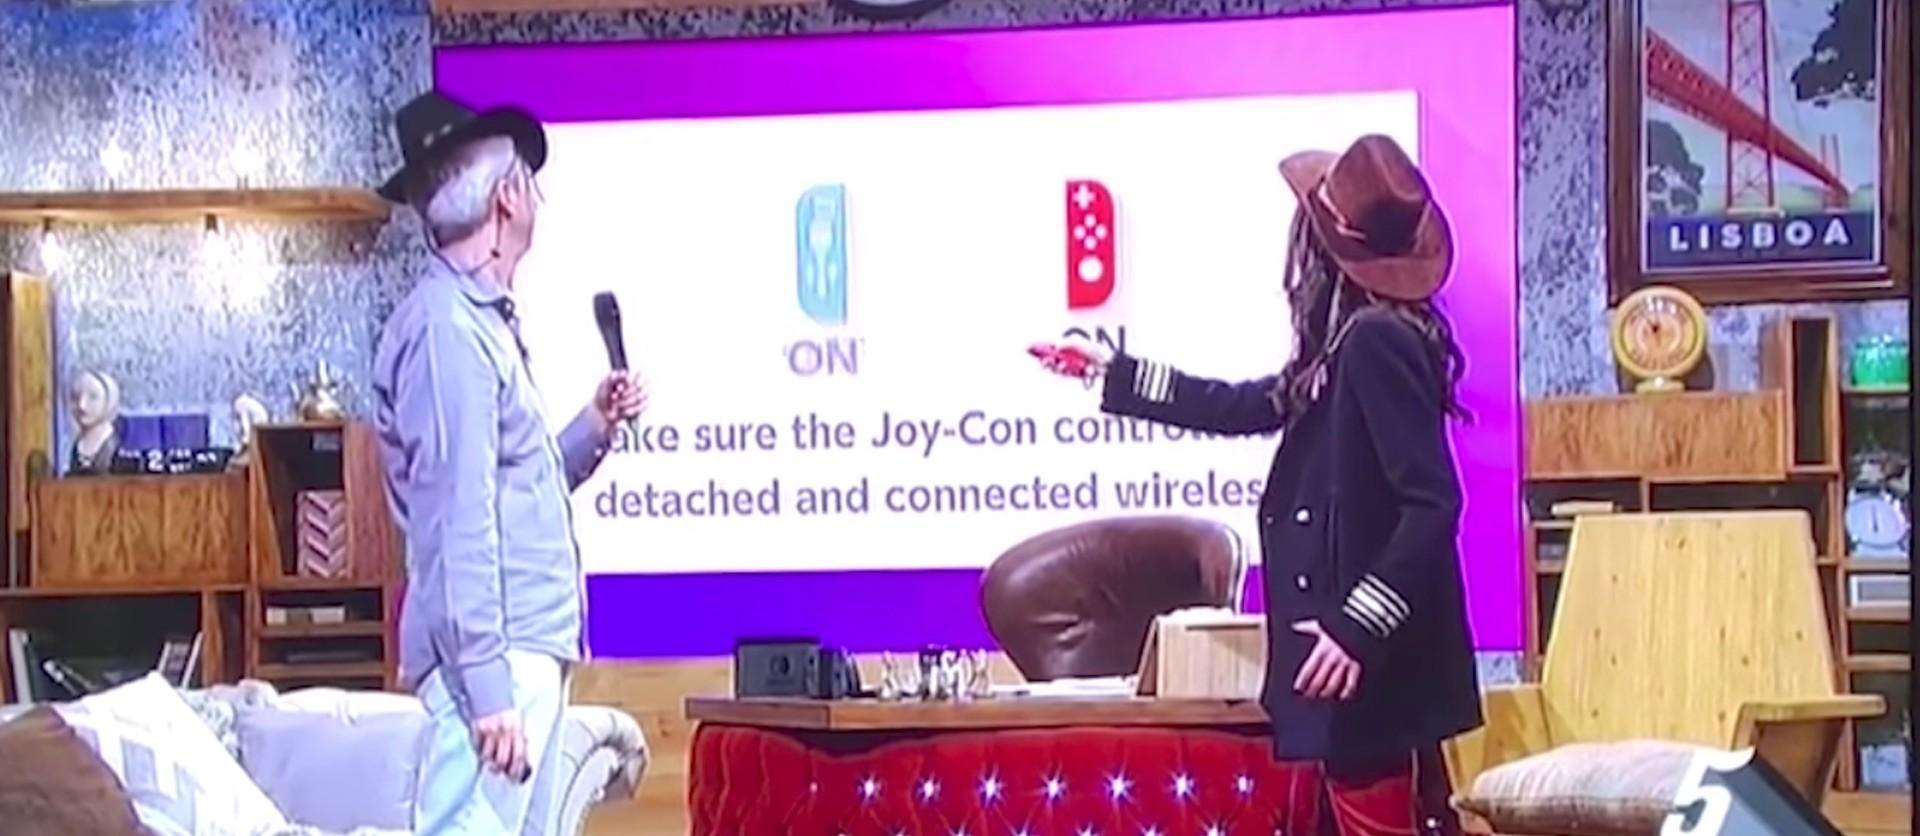 Die Joycon haben manchmal Verbindungsprobleme. Wie hier in eine Live-Sendung